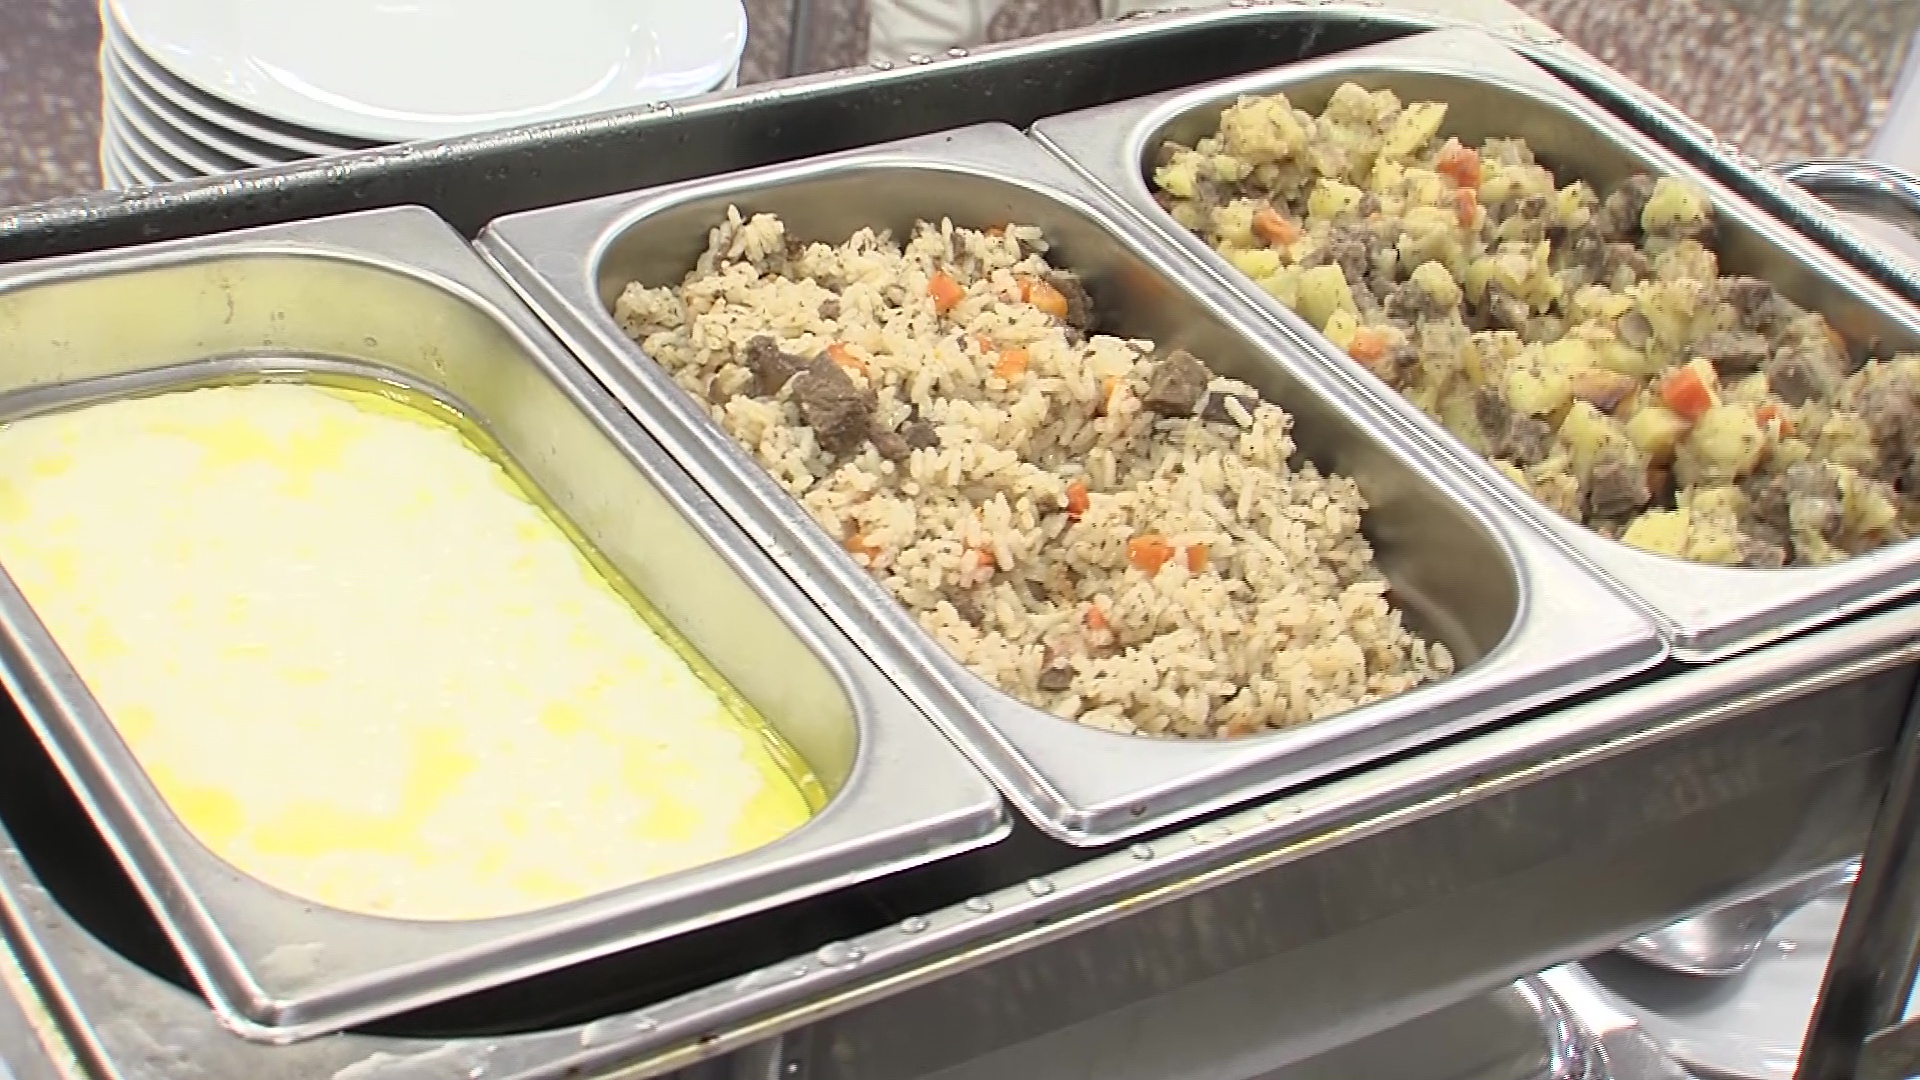 Некоторые школы Заволжского района Ярославля допустили нарушения в организации обедов для учащихся